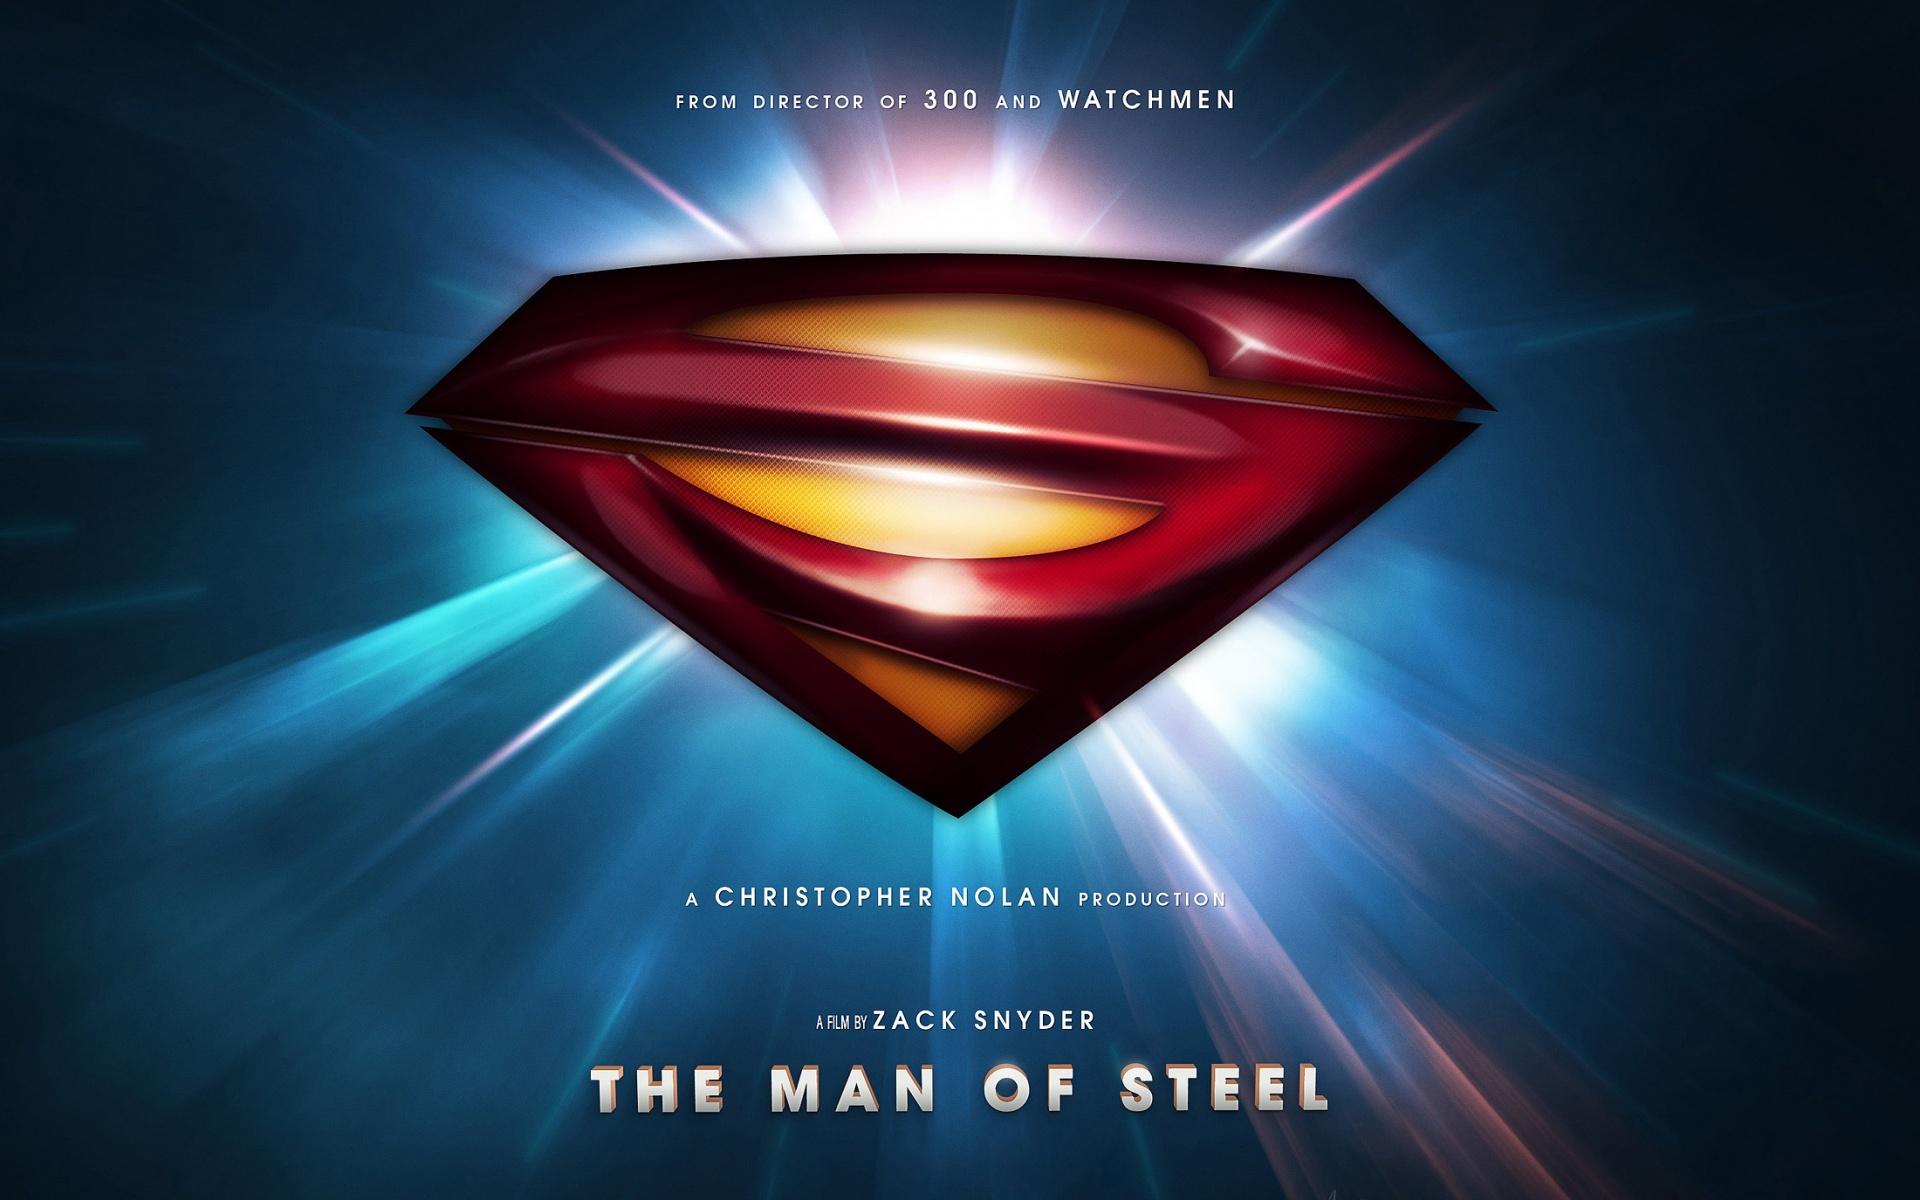 man of steel full movie download